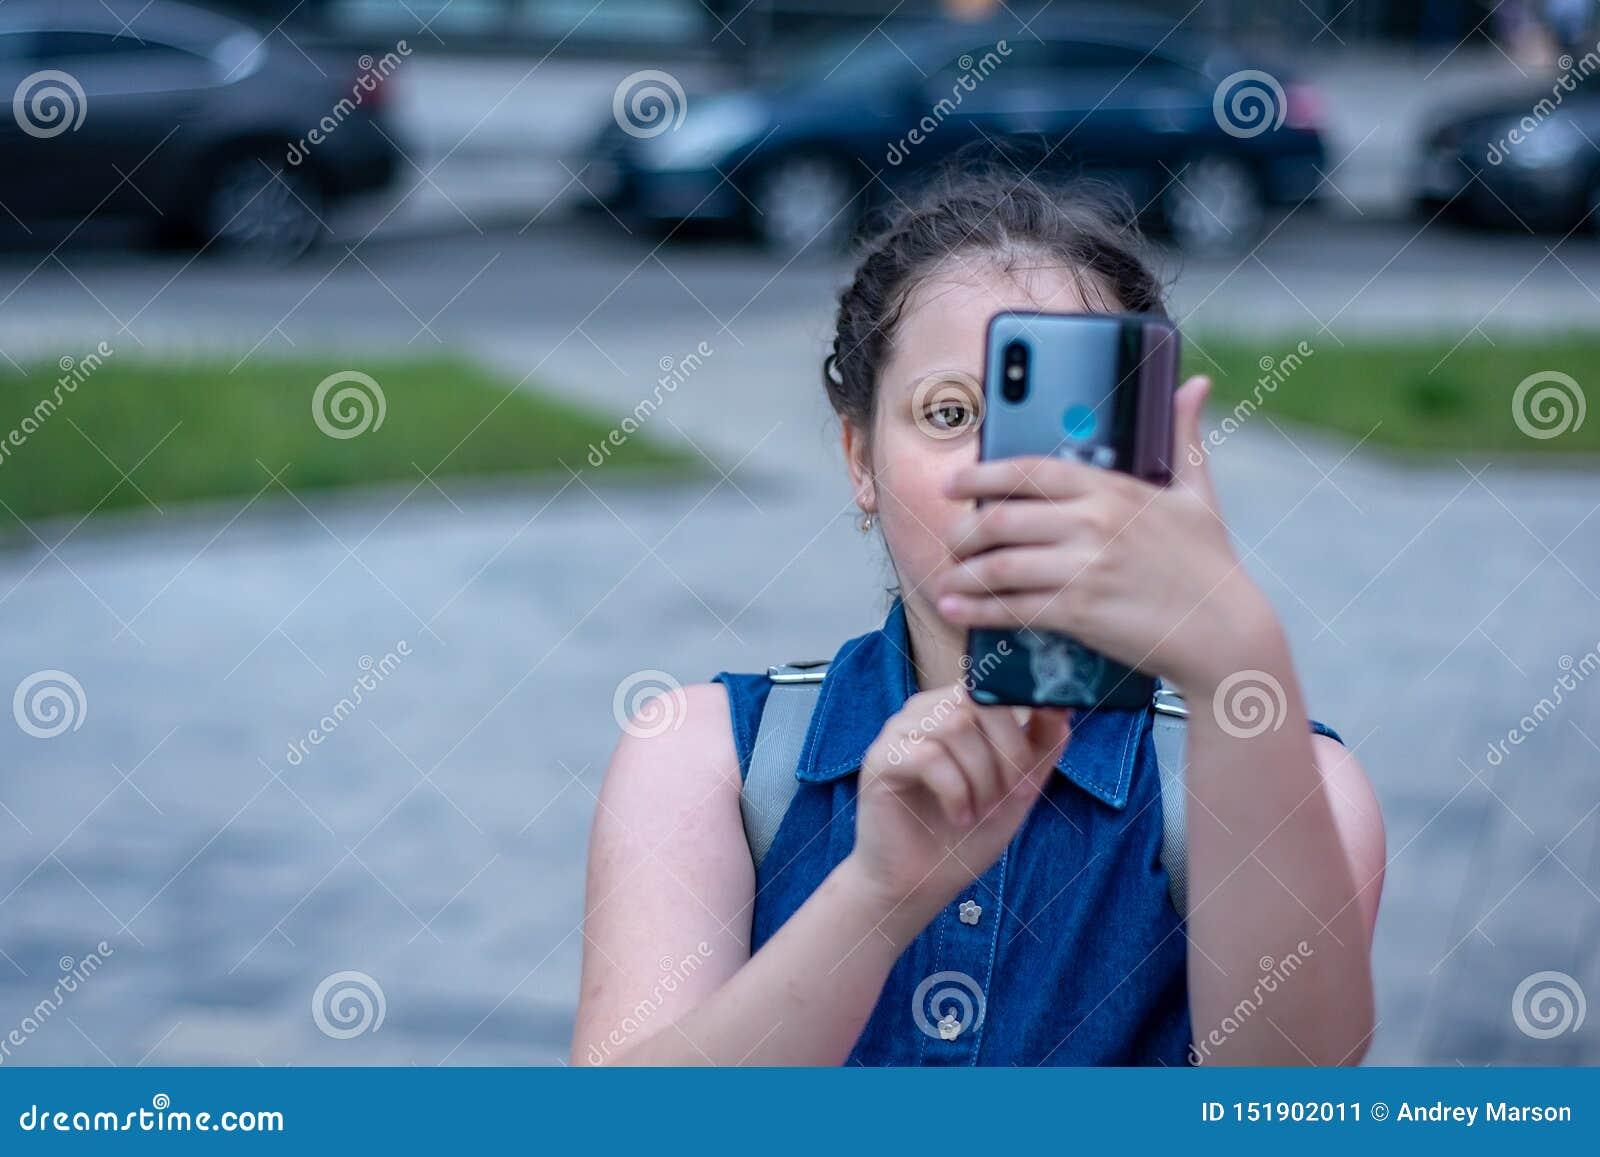 Девушка делает фото на смартфоне девушка современной жизни со смартфоном